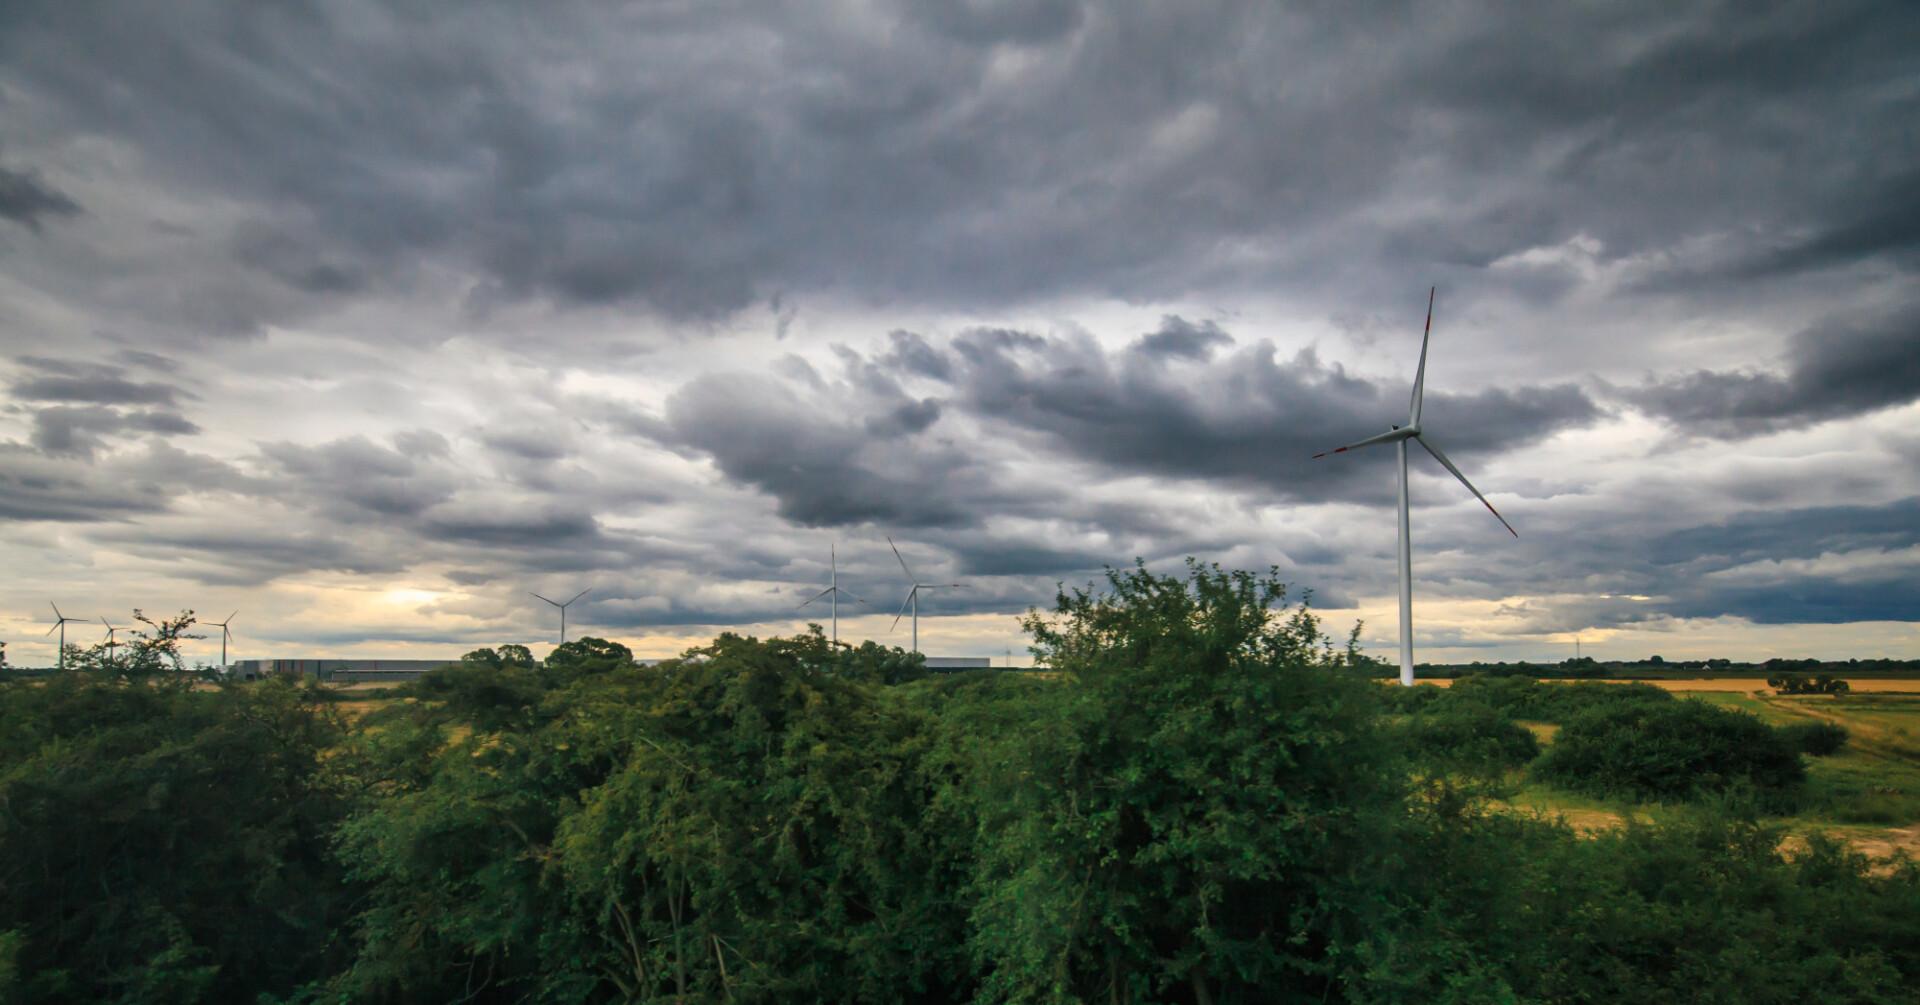 Wind farm dark storm clouds